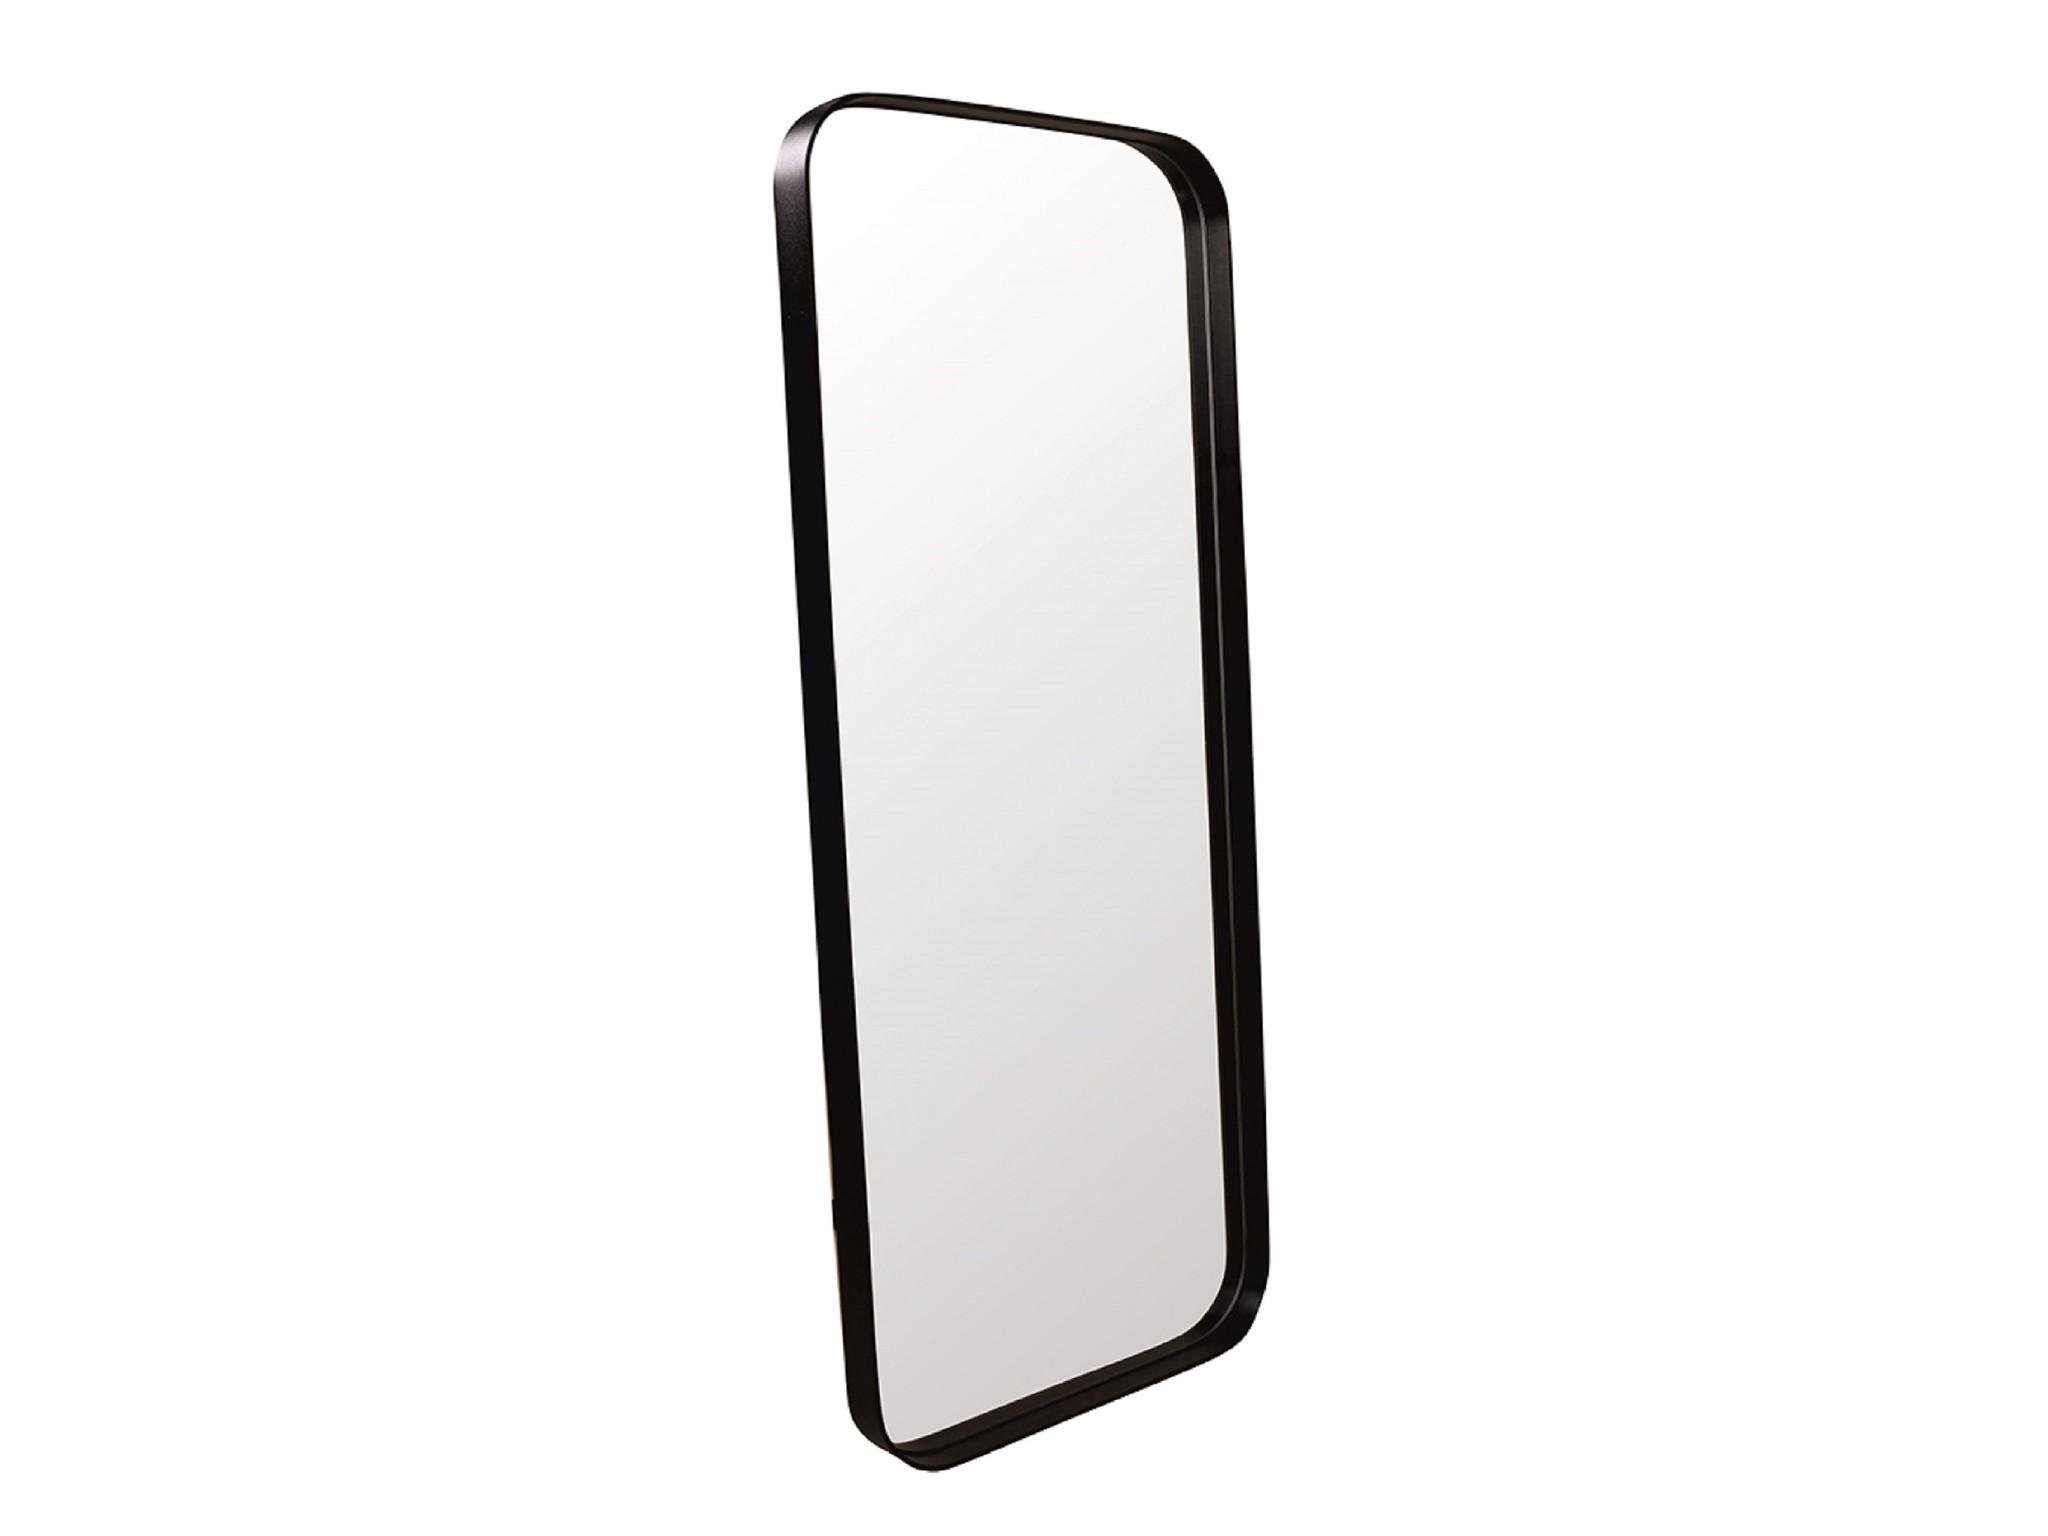 Настенное зеркало кира 140*60 (simple mirror) черный 60.0x140.0x4.0 см.